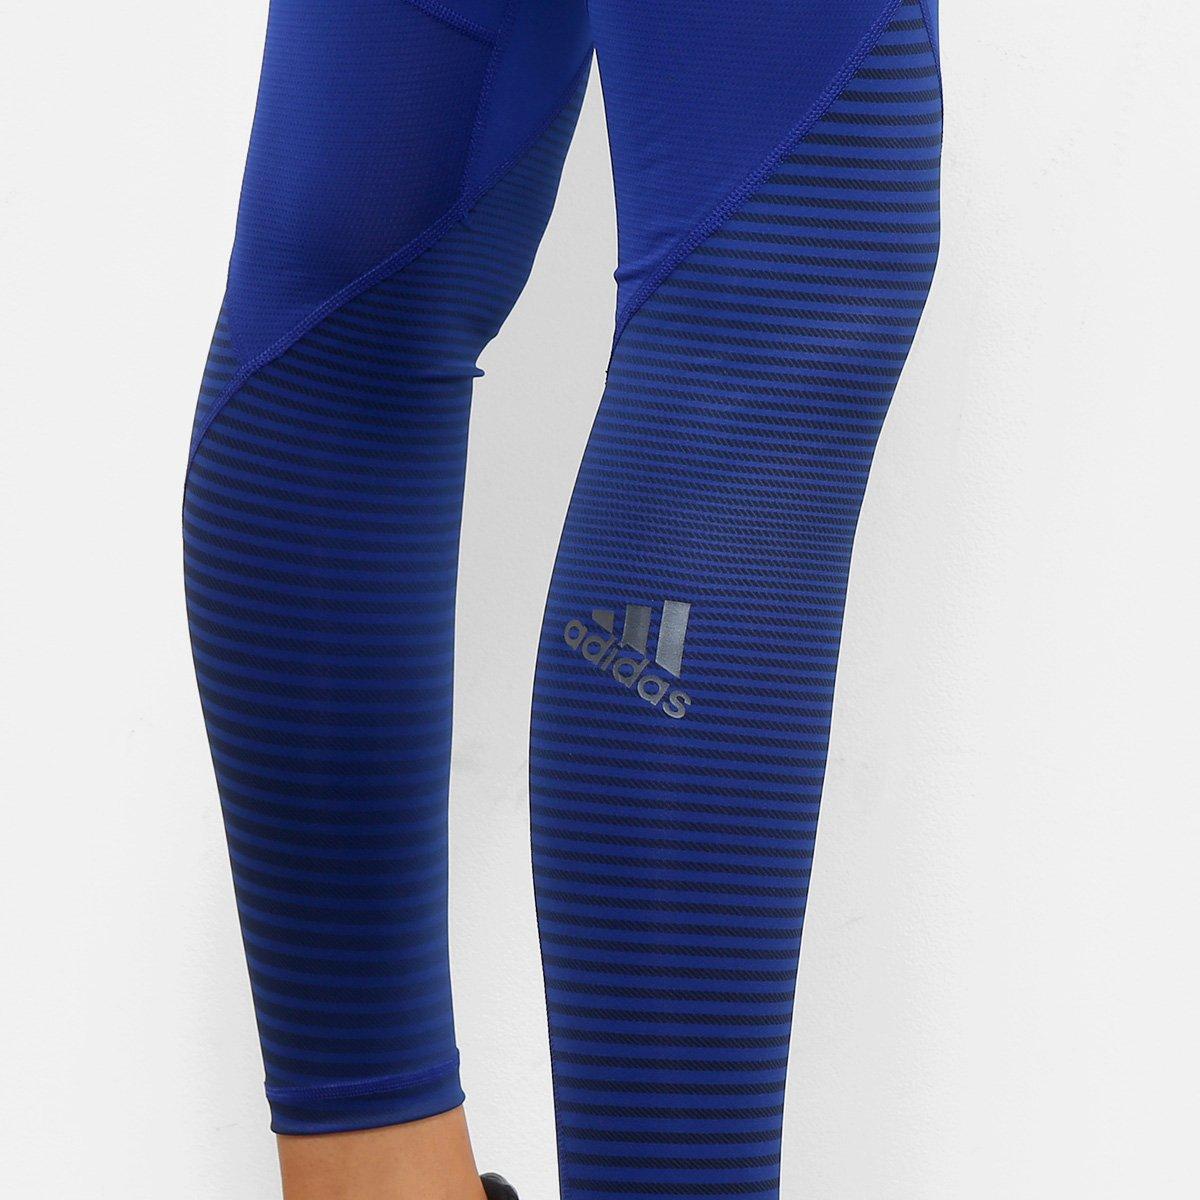 Calça Legging Adidas DNA Alphaskin Sport Feminina - Compre Agora ... 00d08ff406e49